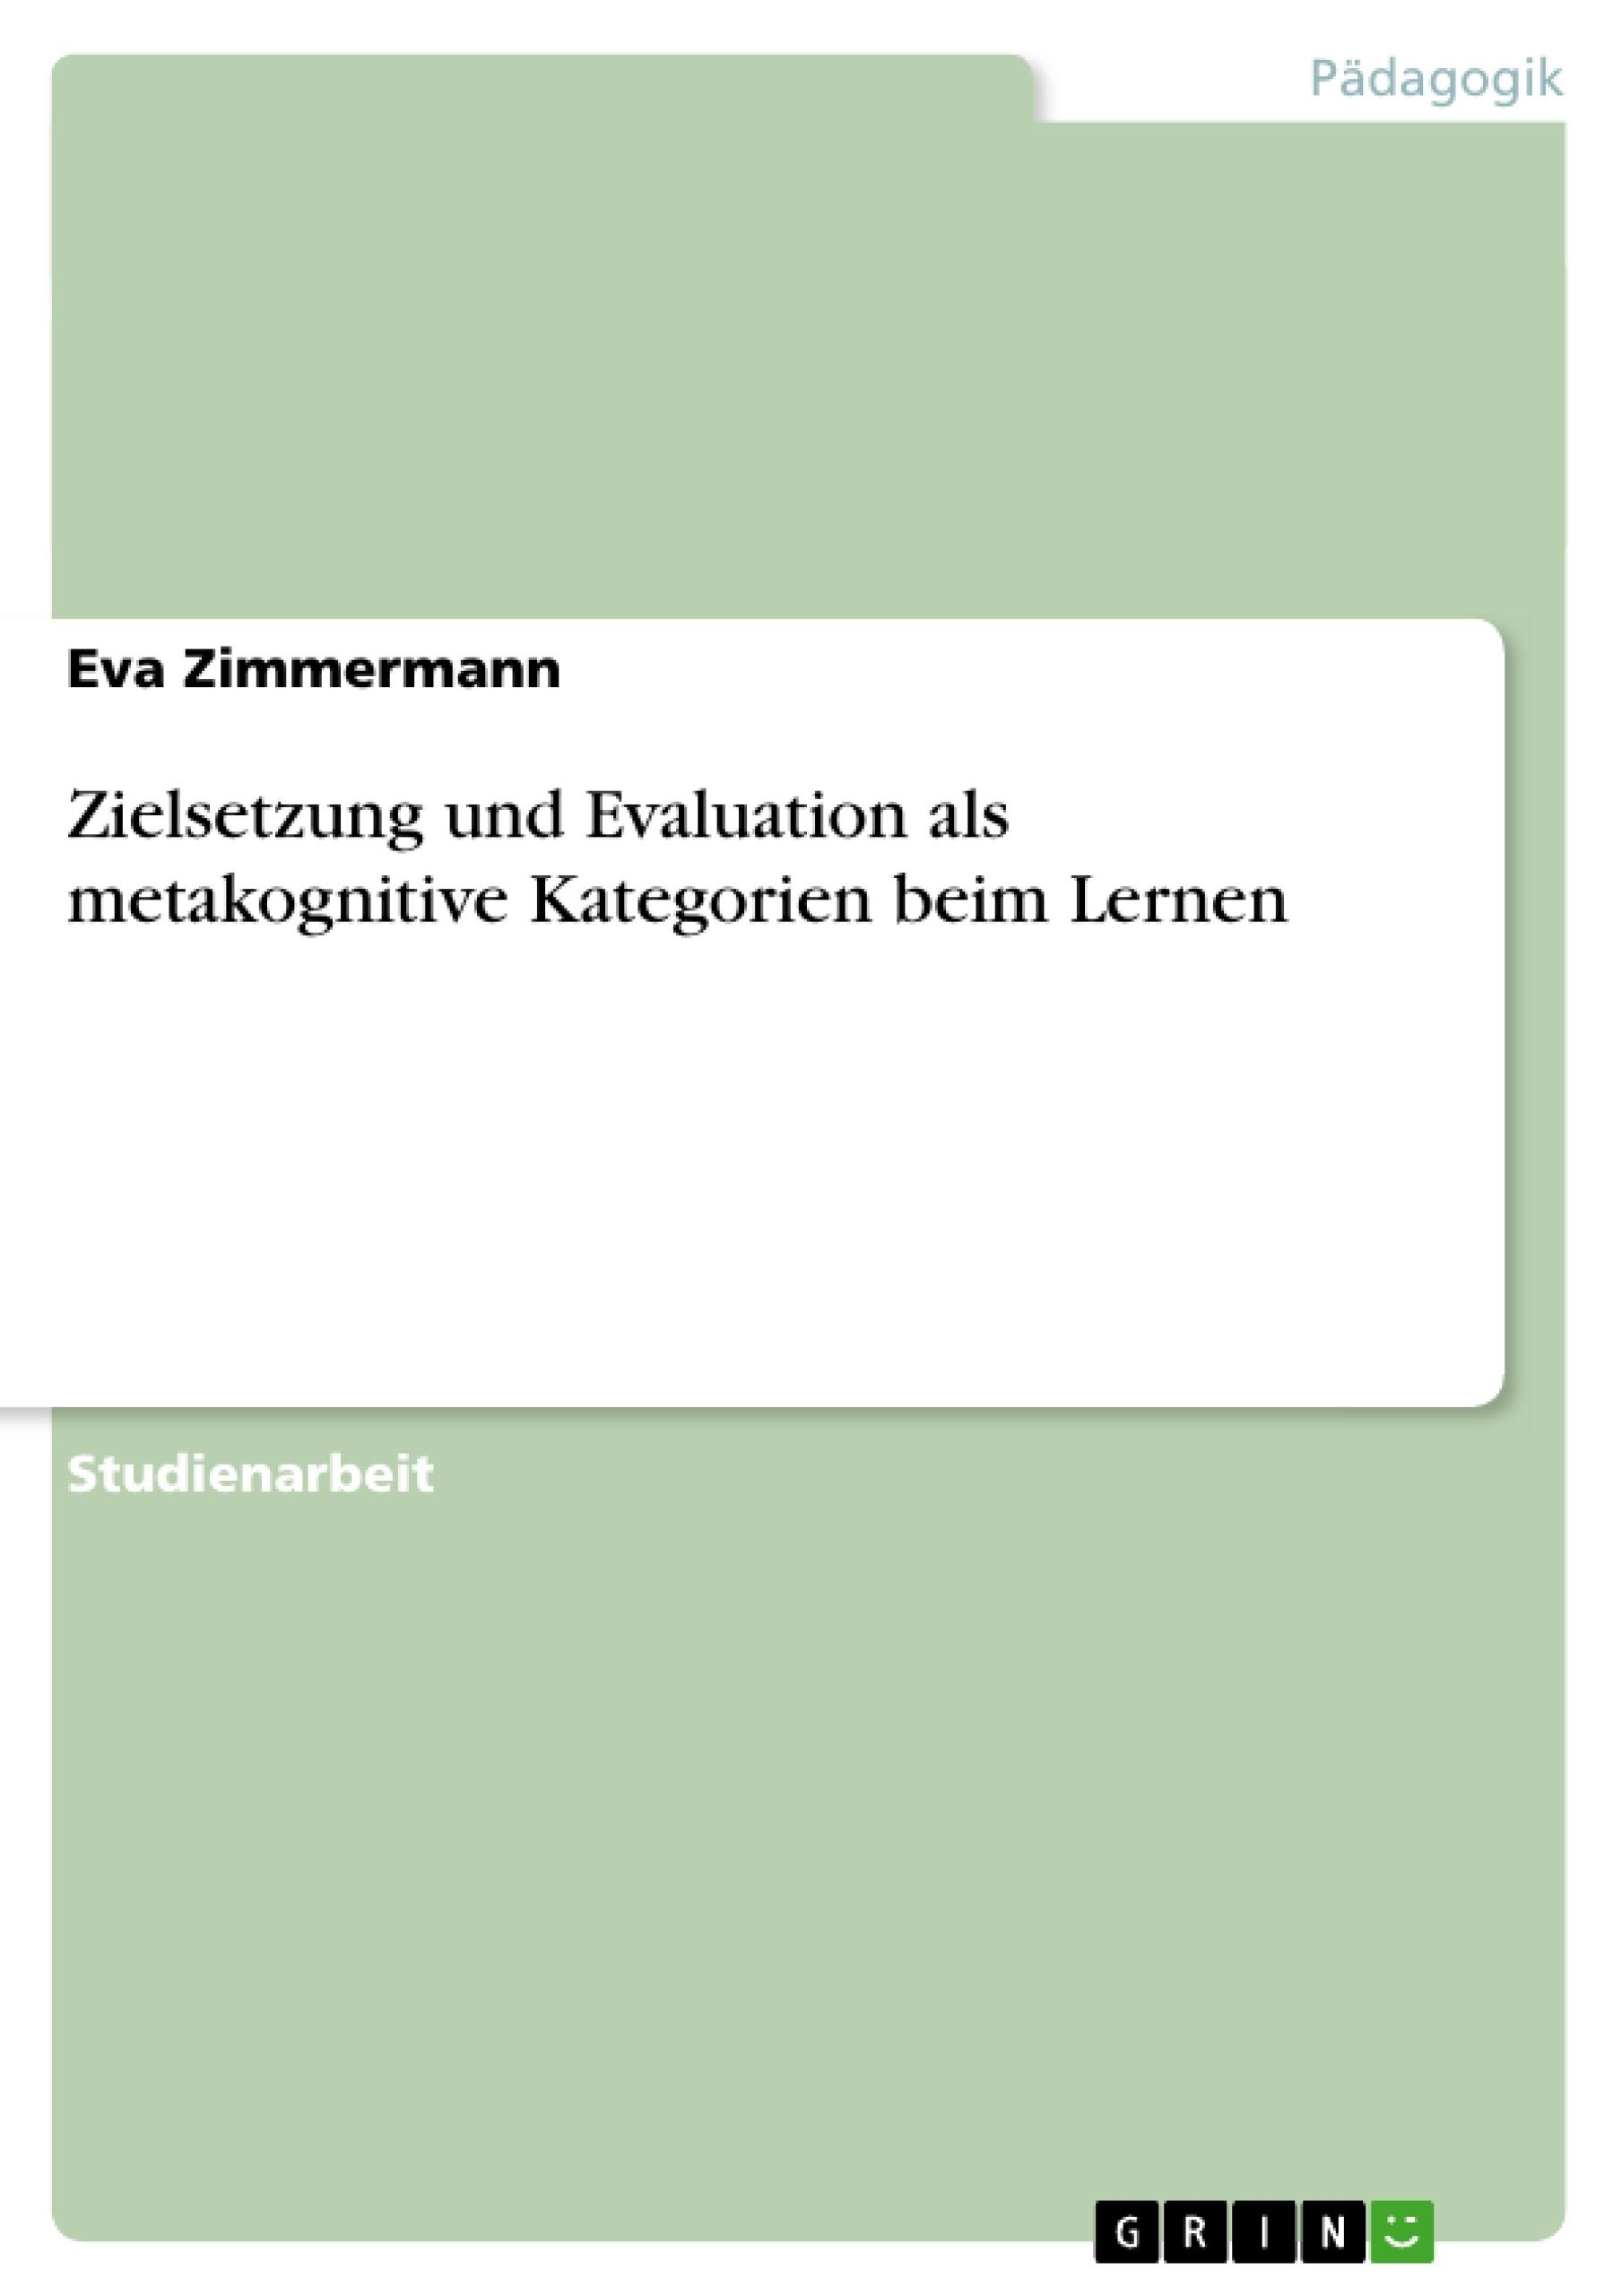 Titel: Zielsetzung und Evaluation als metakognitive Kategorien beim Lernen